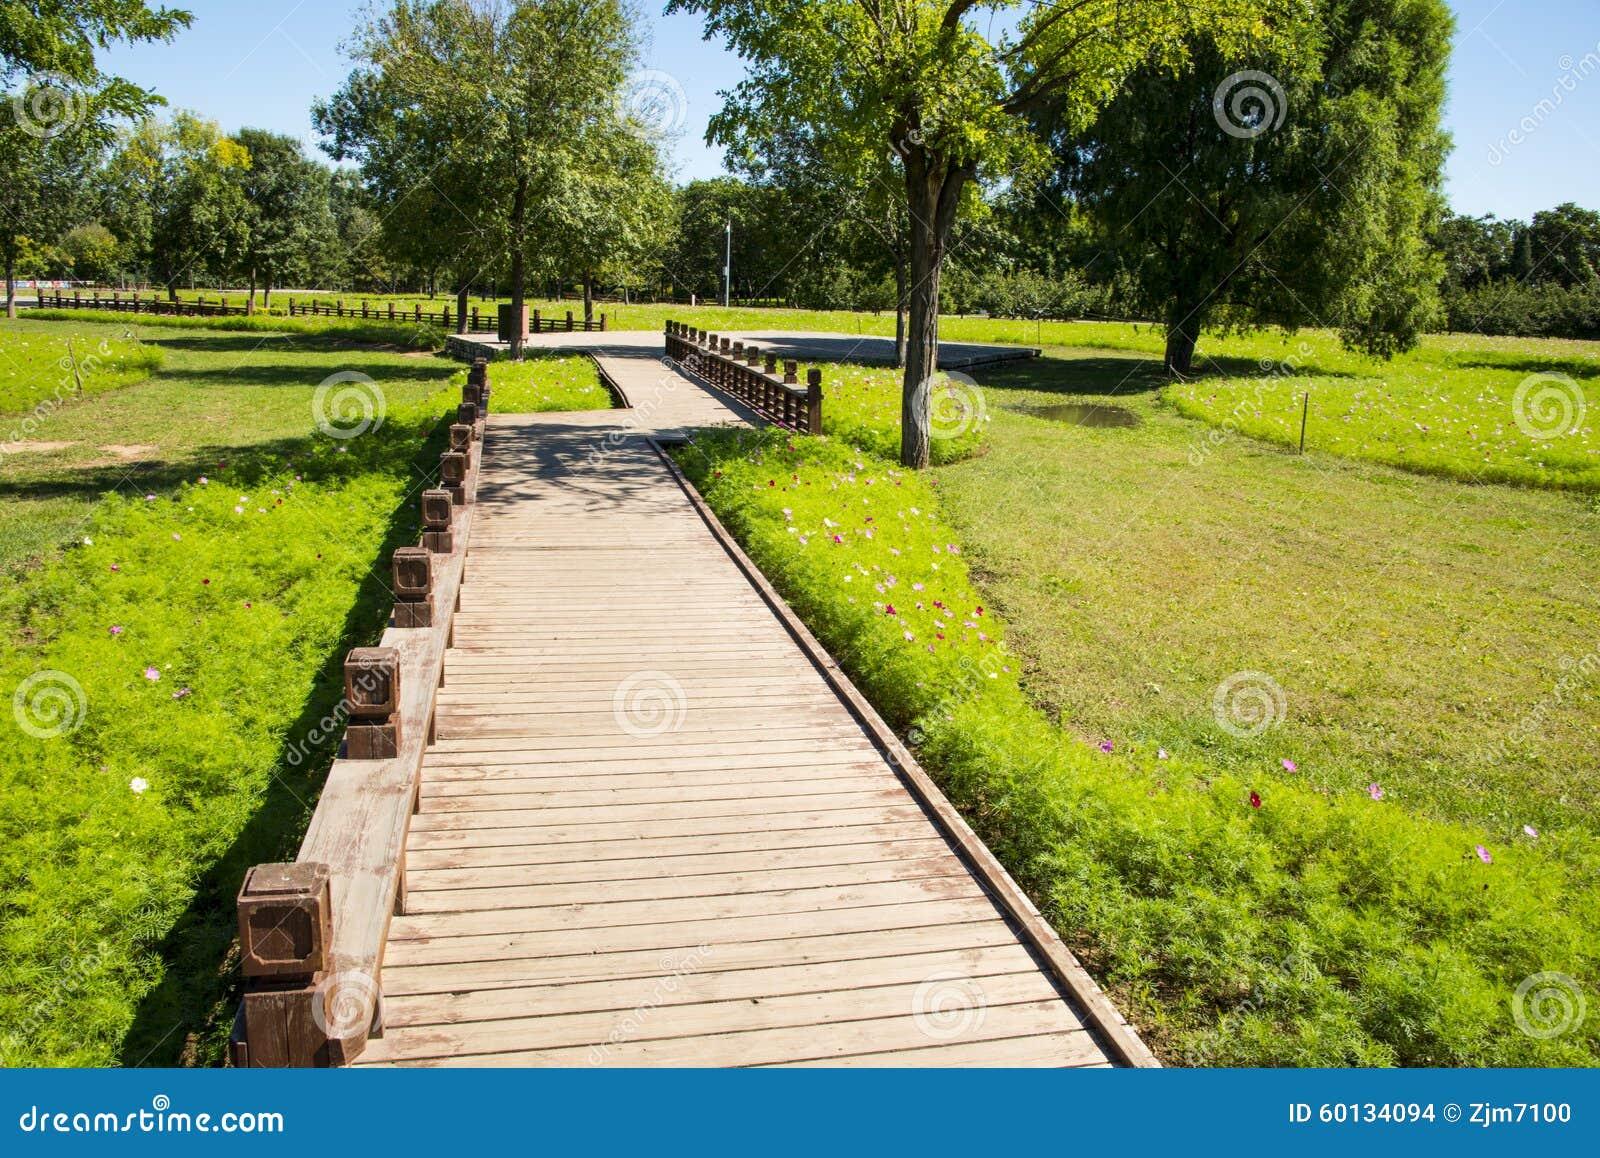 Verjas de madera para jardin ideas de disenos for Verjas para jardin